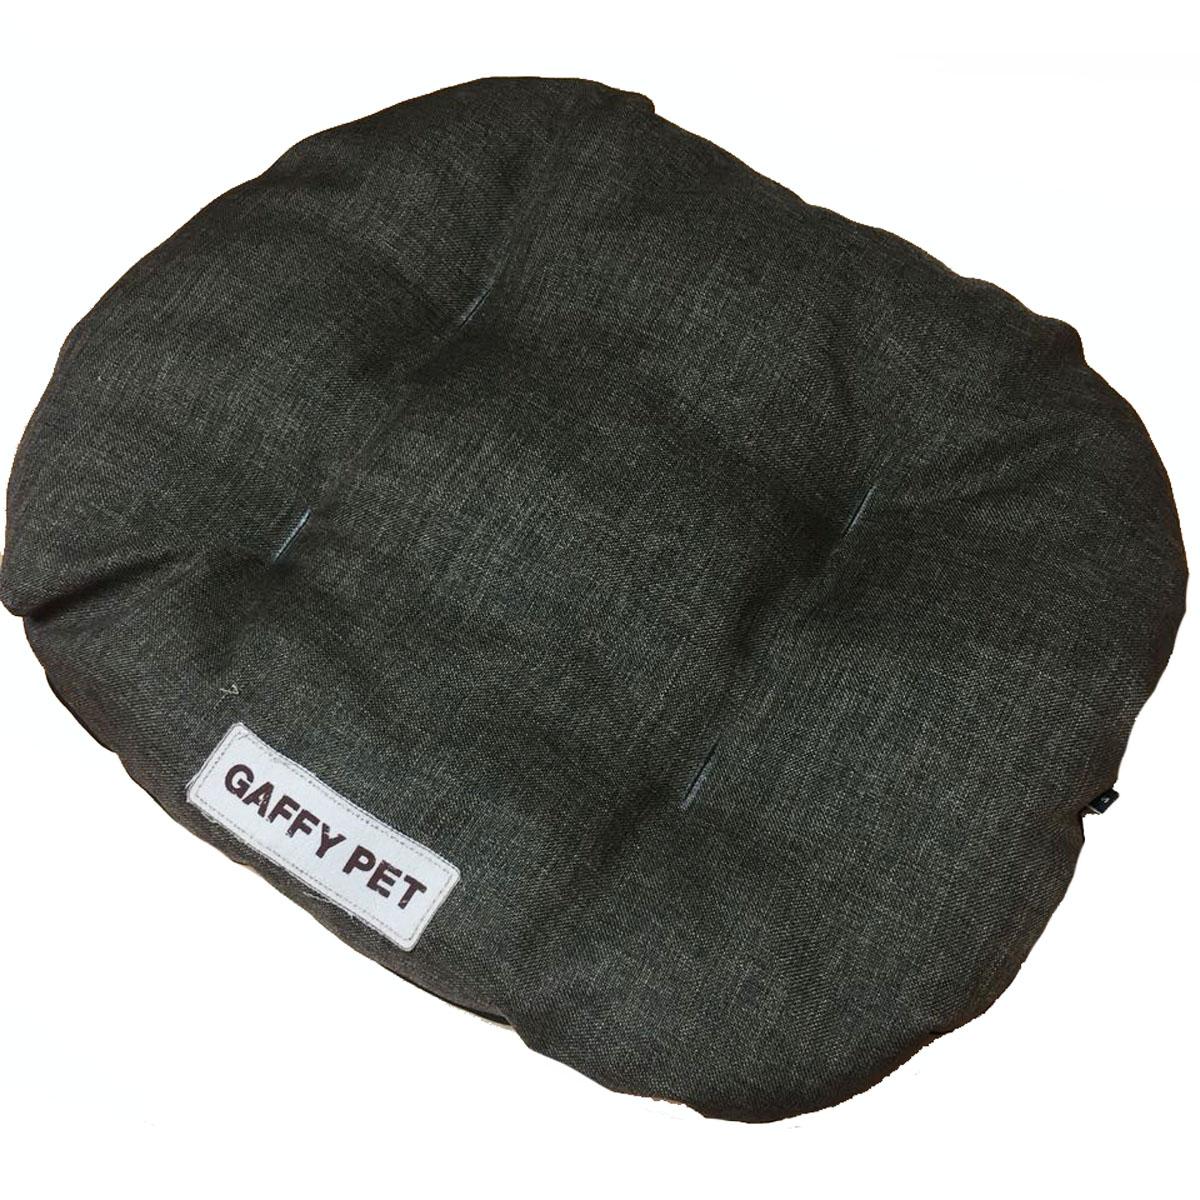 Подушка для животных Gaffy Pet Choco, 75 х 55 см11087MКоллекция подушек благородных цветов, уместных в любом интерьере. Красивые цвета, разныеразмеры. Классическая форма, удобна для перемещения и в поездках. Прочная, не истирается,подвергается любой чистке.